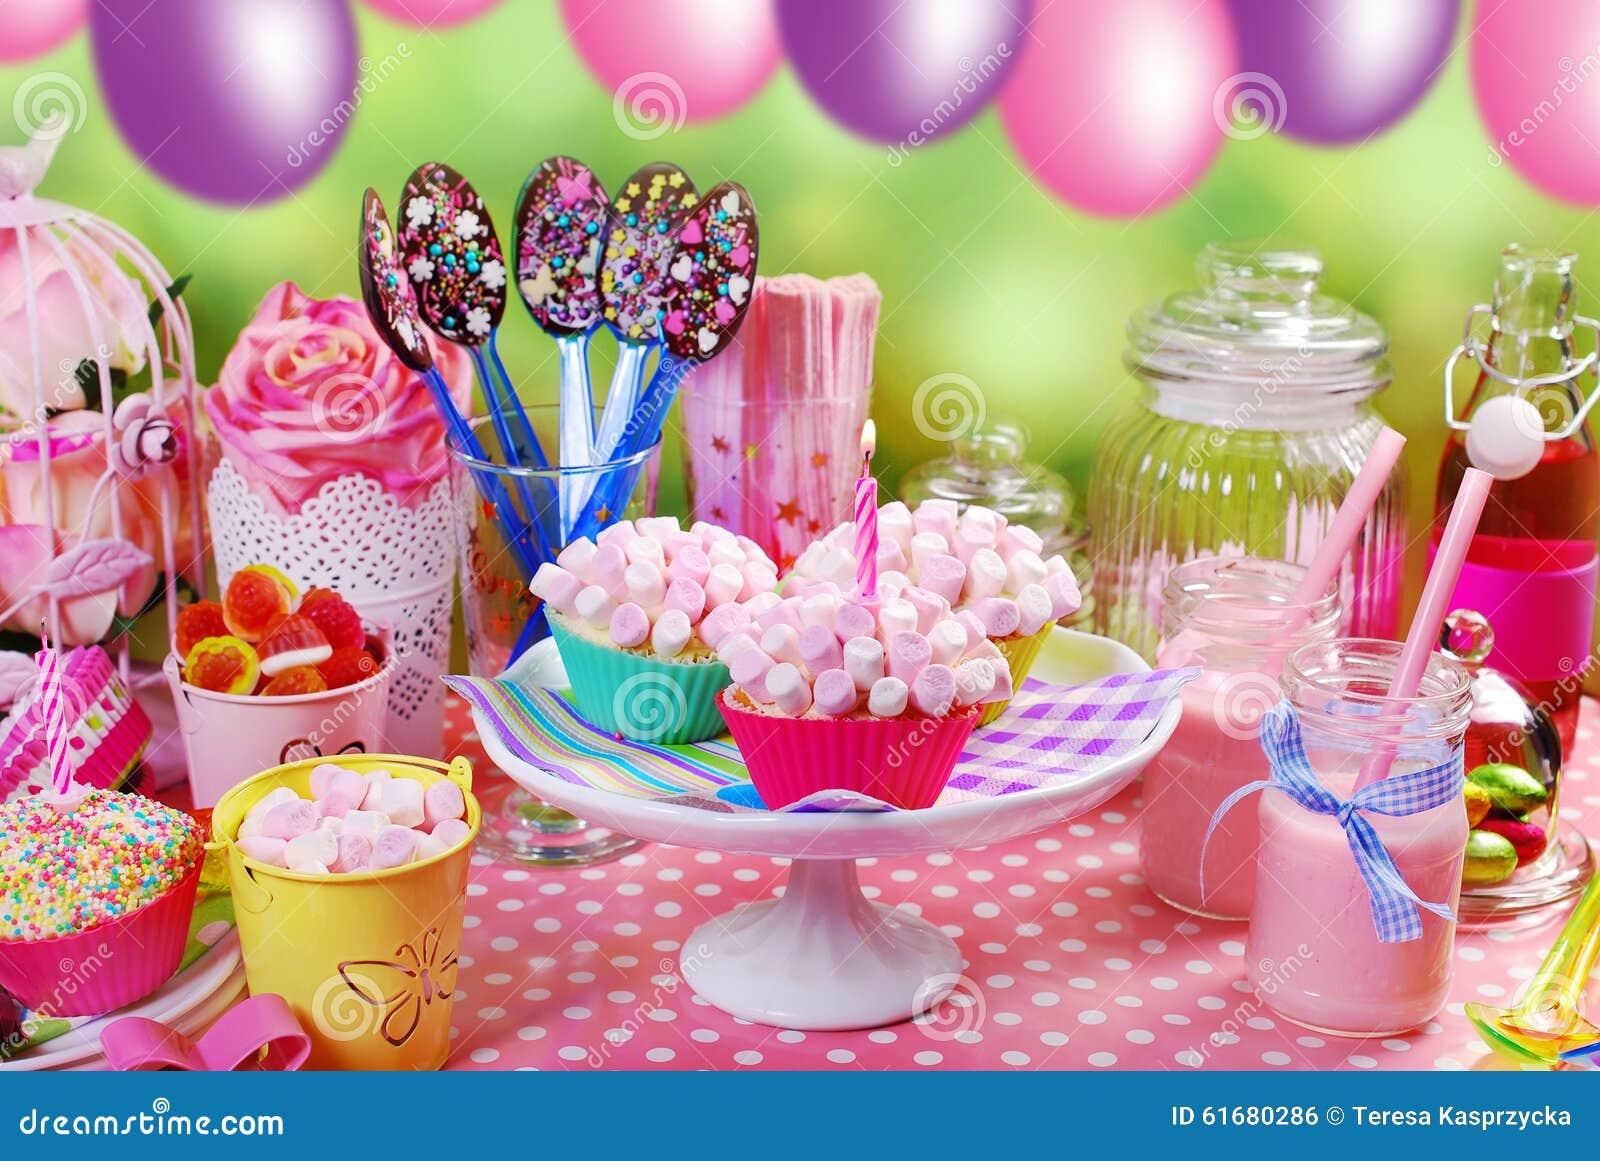 Tavolo Compleanno Bambina : Tavola della festa di compleanno per i bambini fotografia stock